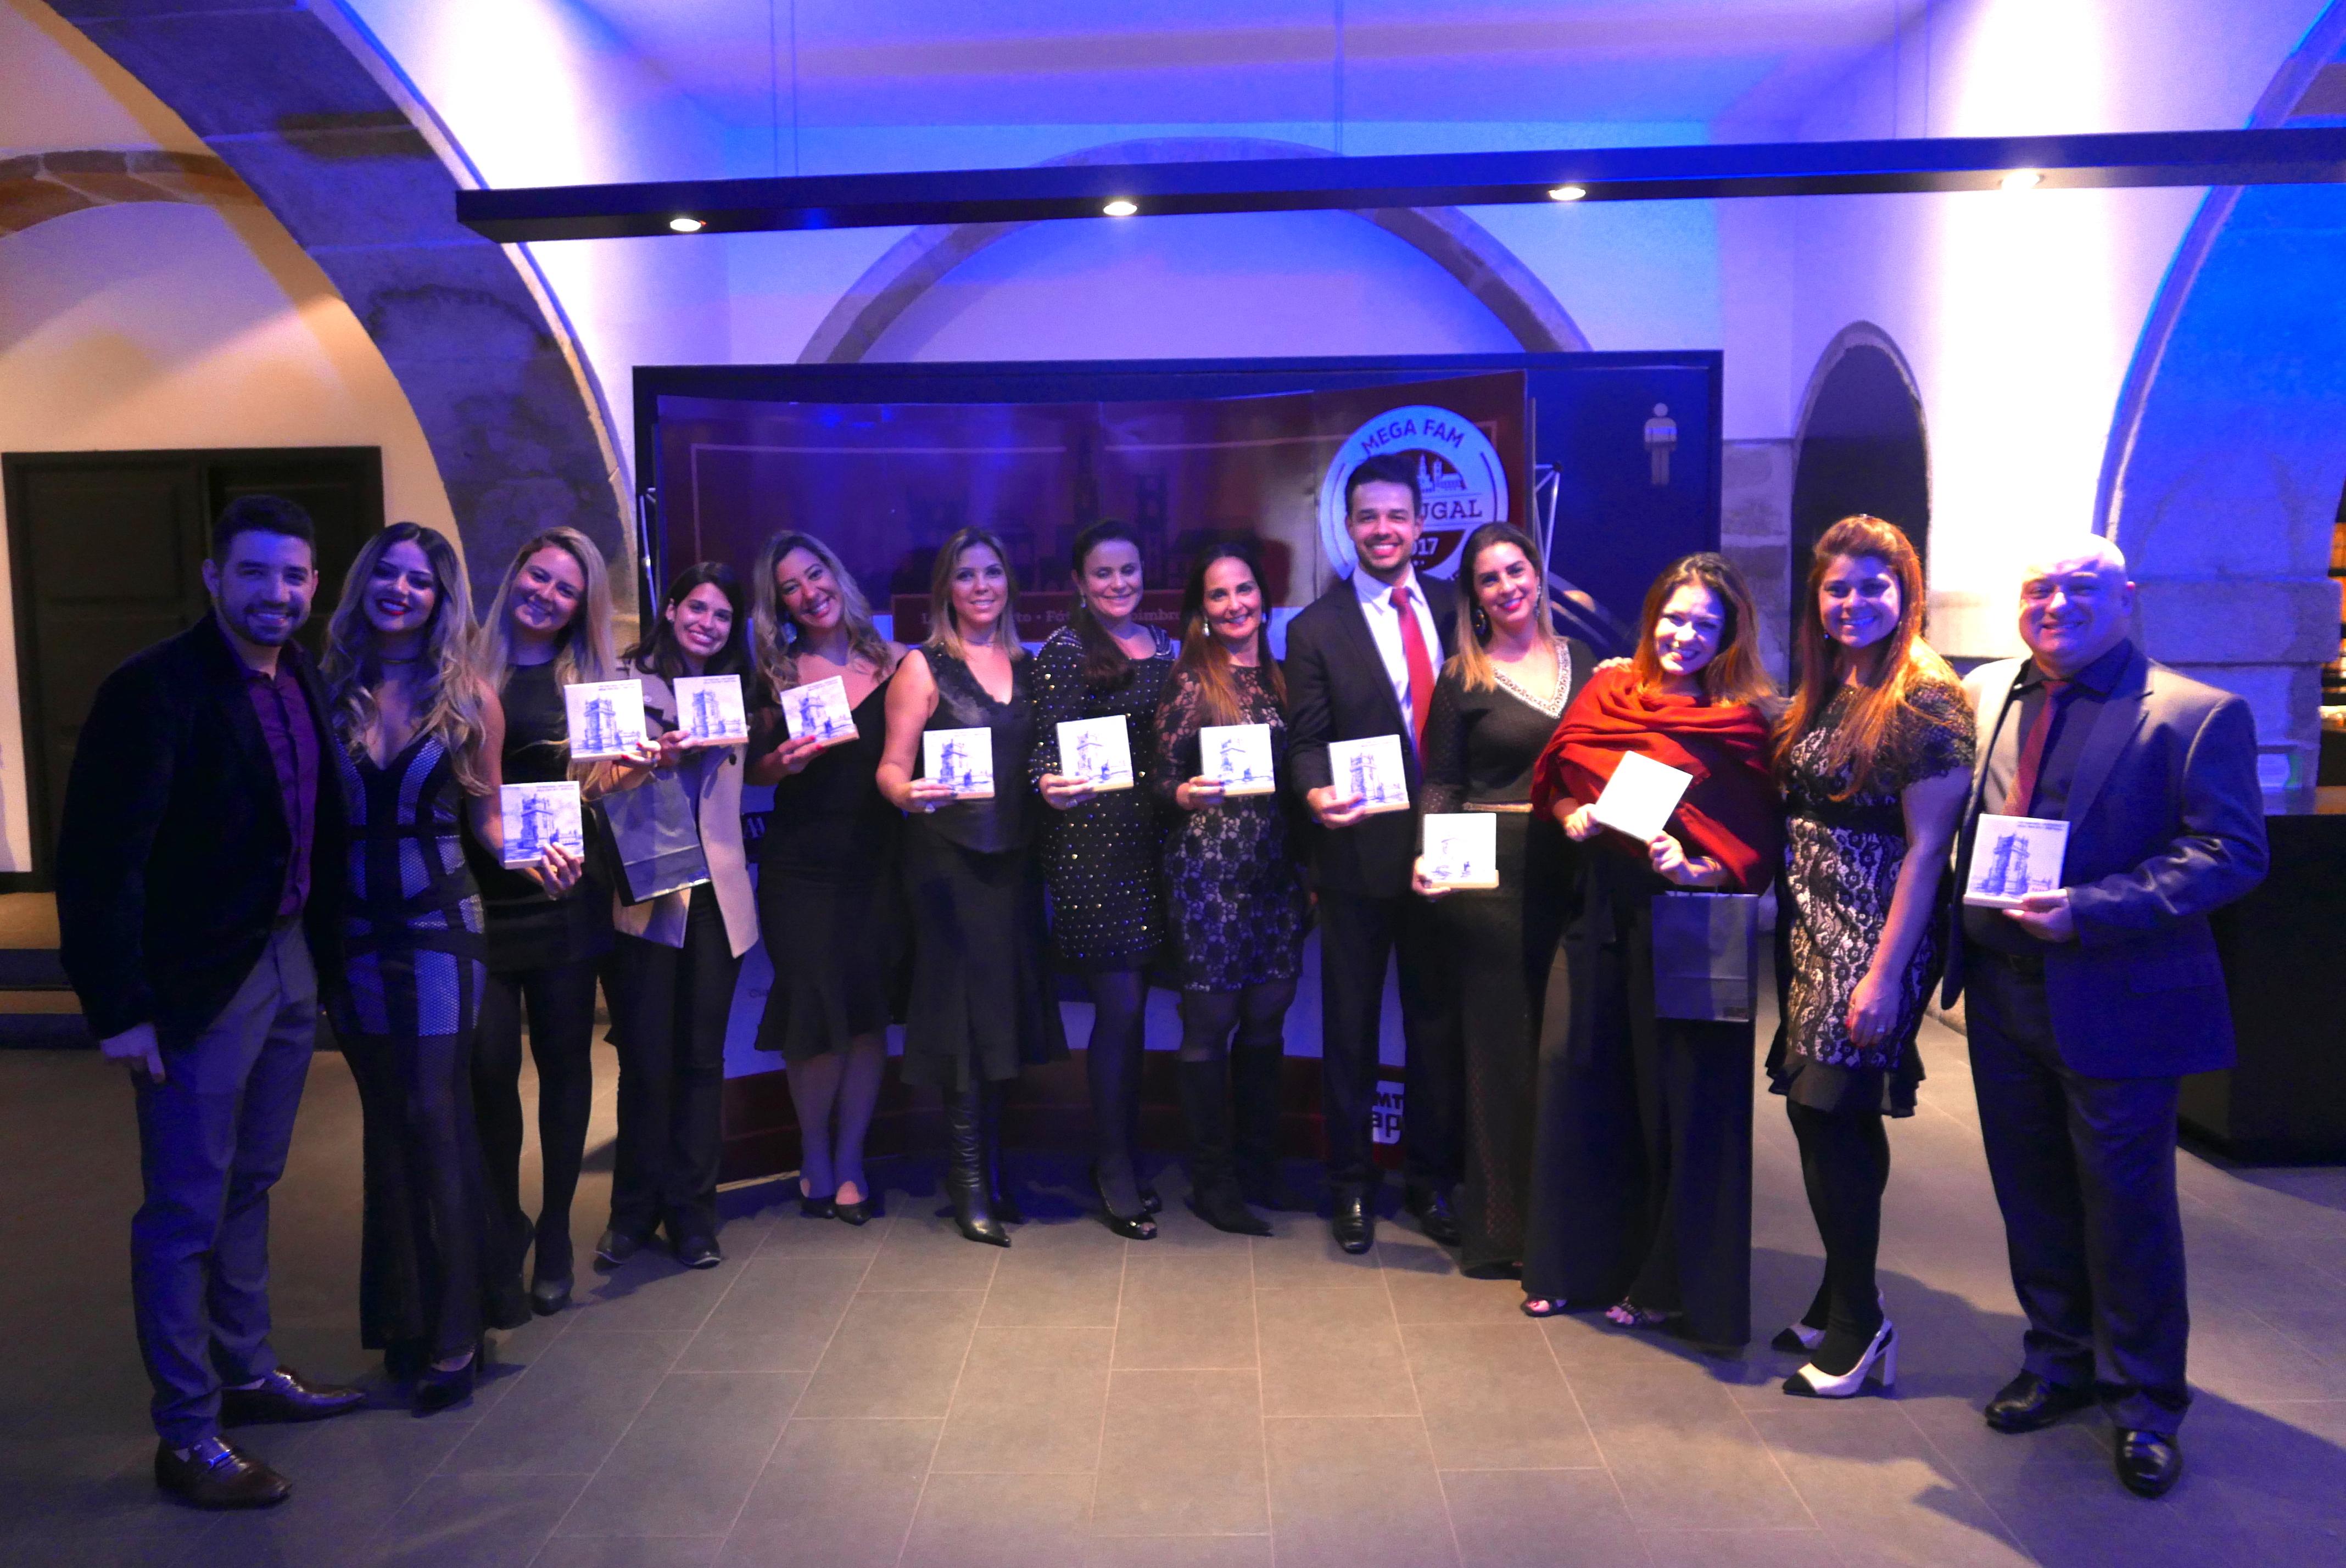 Os ganhadores de Minas Gerais recebem os troféus e as devidas homenagens